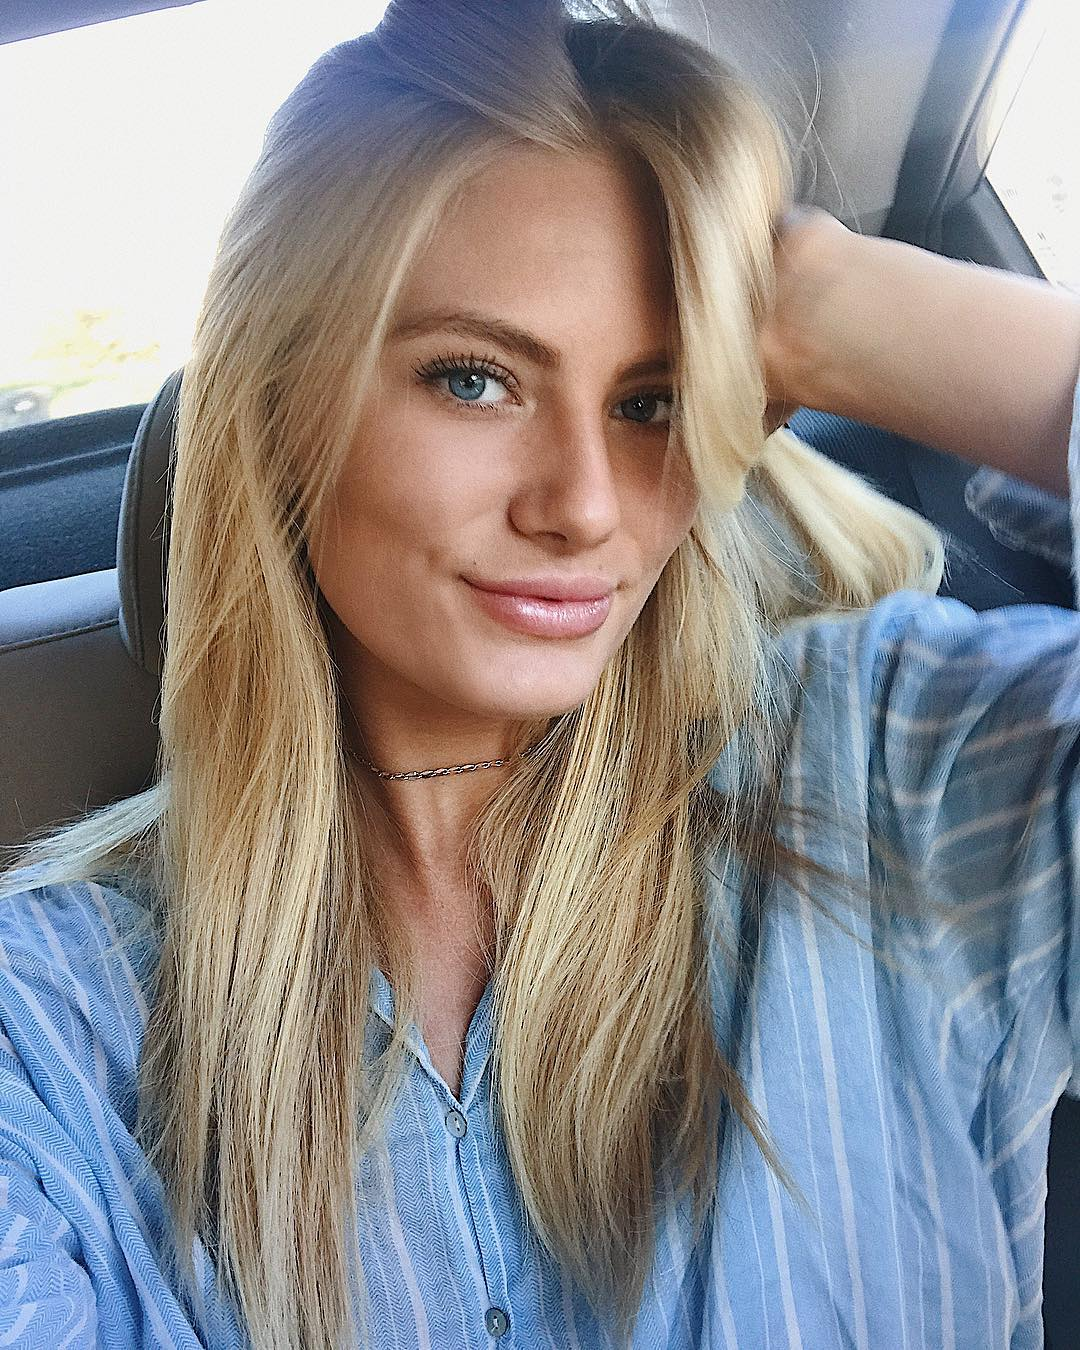 The Most Beautiful Swedish Girls